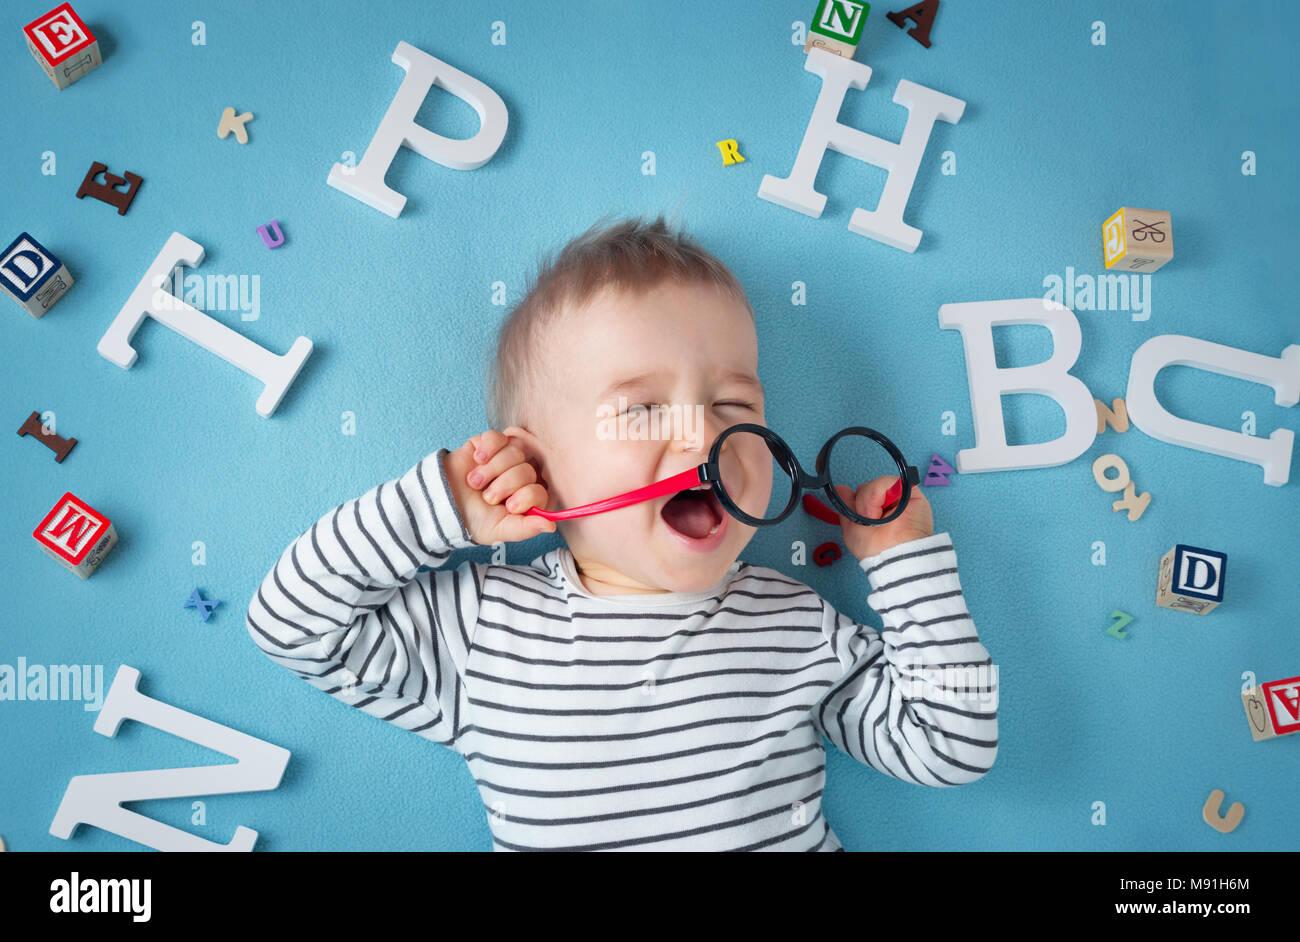 Um ano de idade menino deitado com óculos e cartas Imagens de Stock